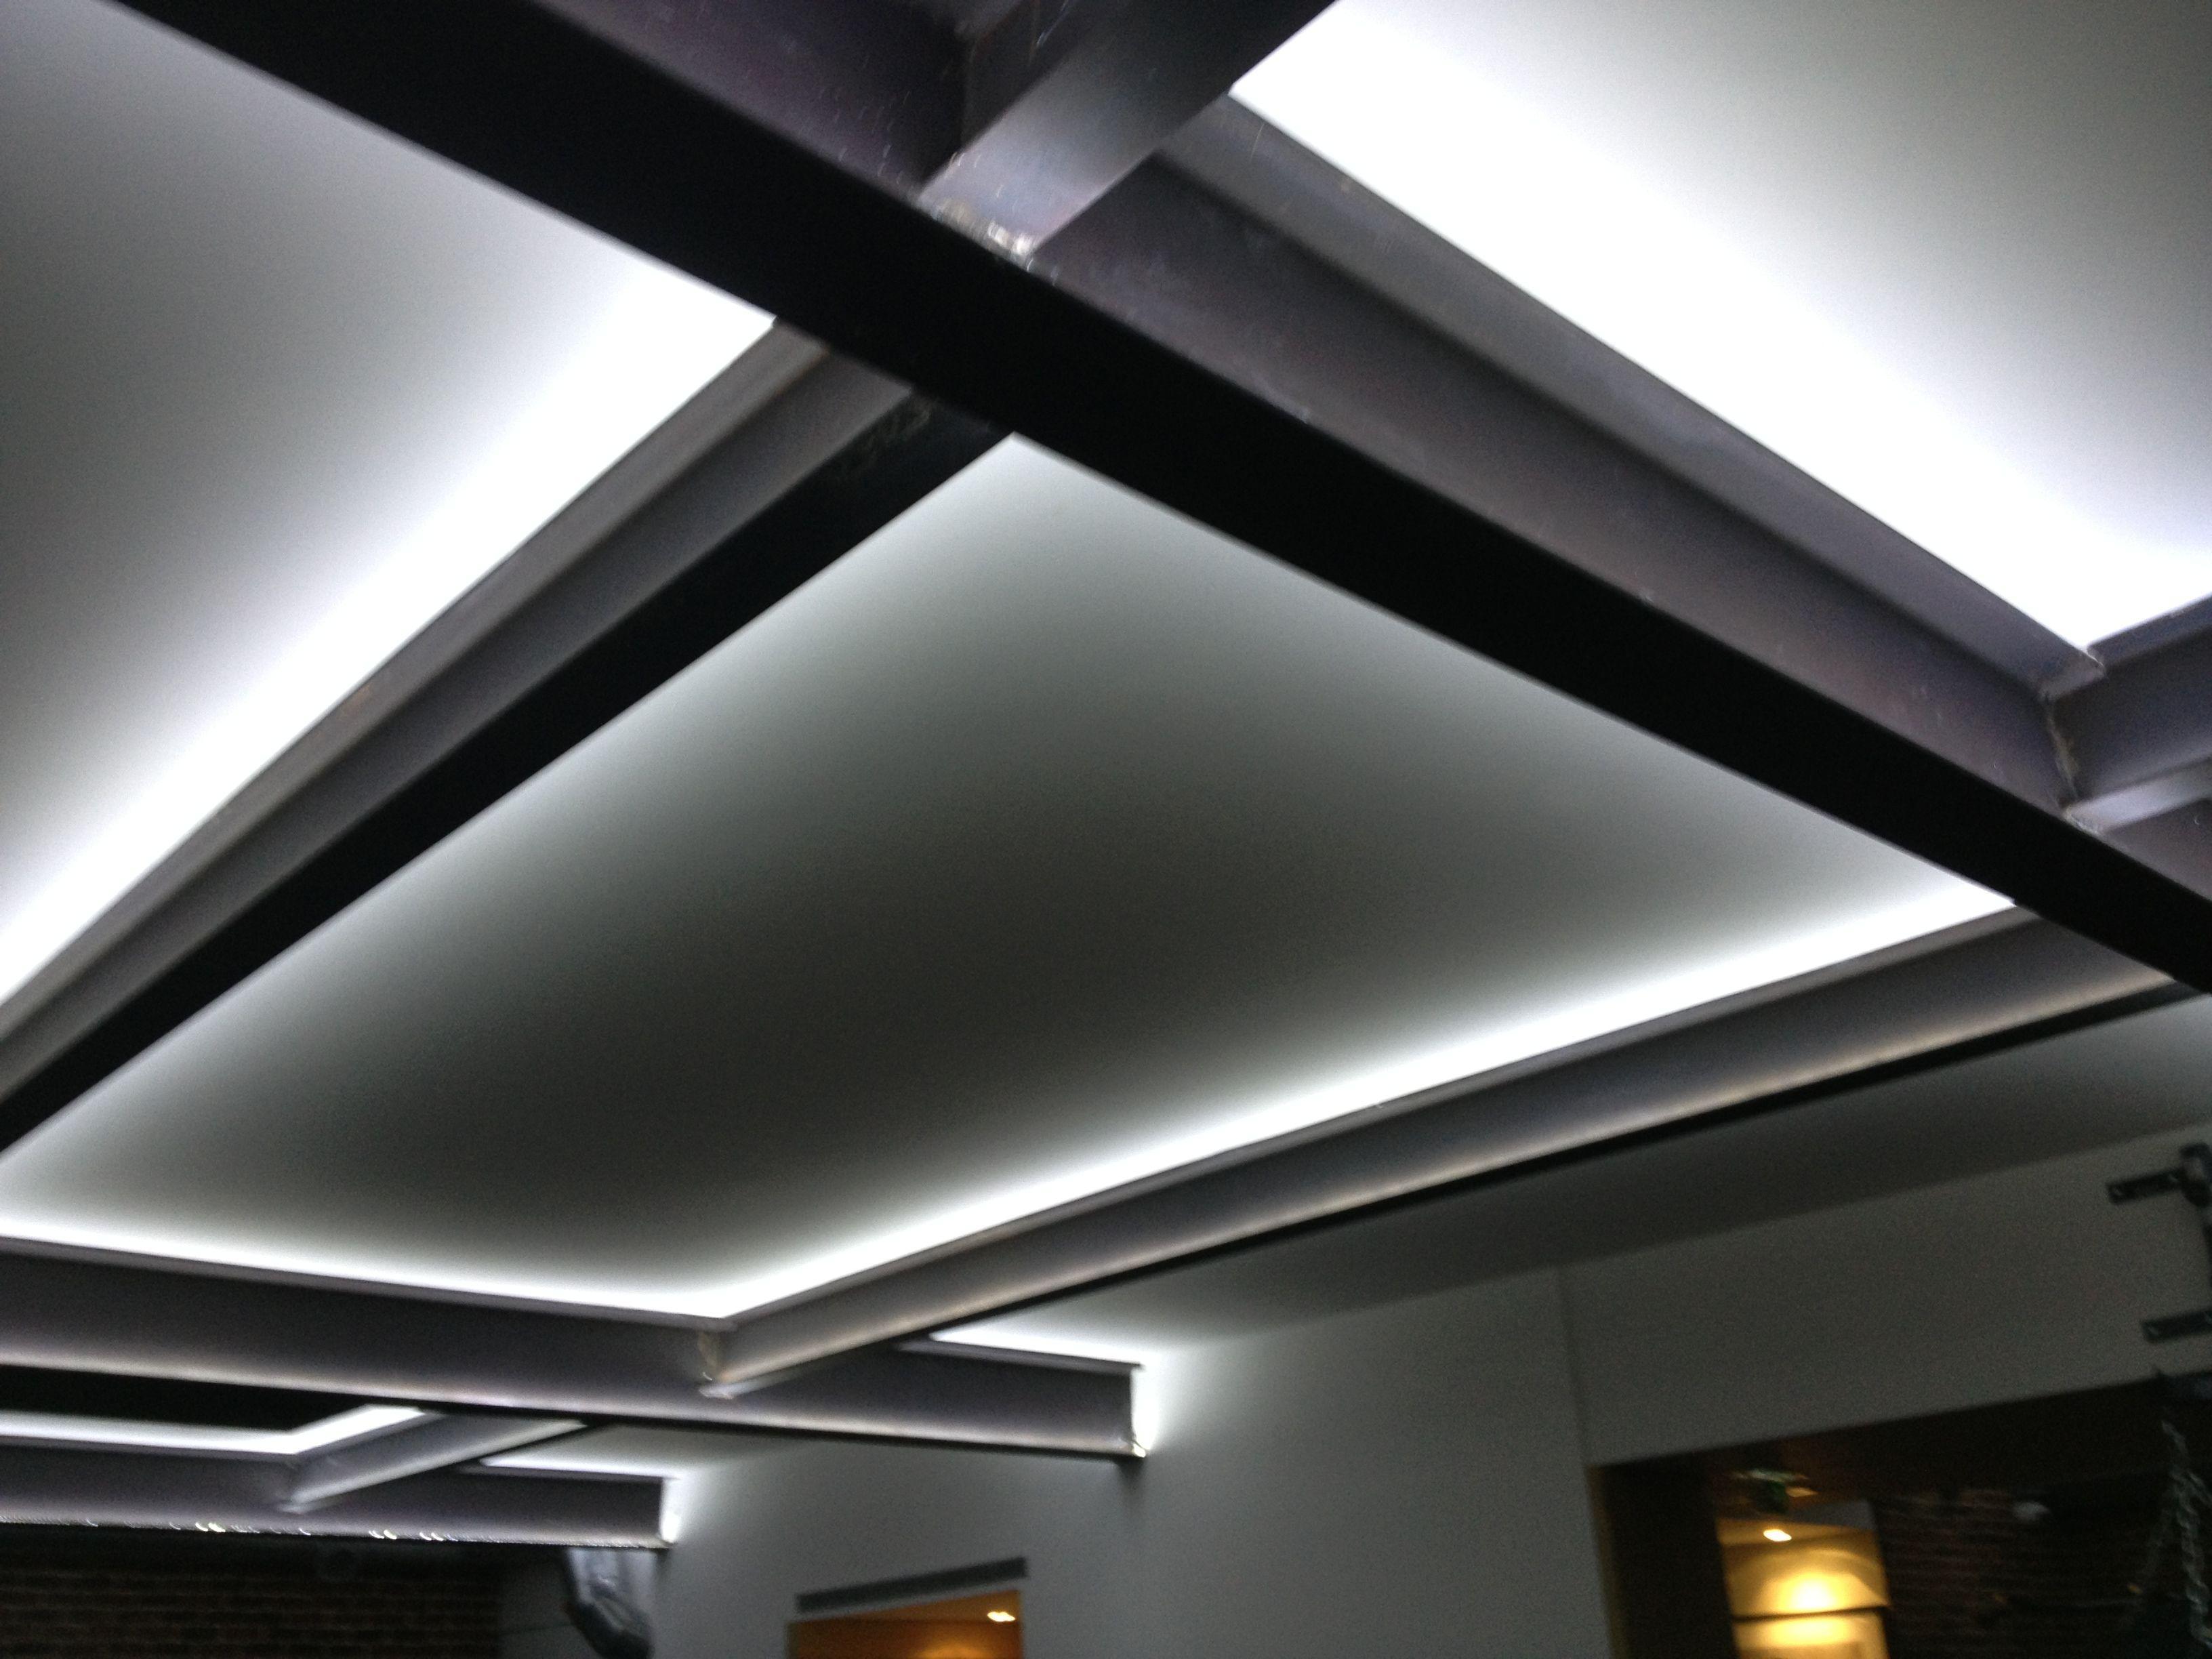 plafond poutre led lifestyle house pinterest poutres plafond et led. Black Bedroom Furniture Sets. Home Design Ideas